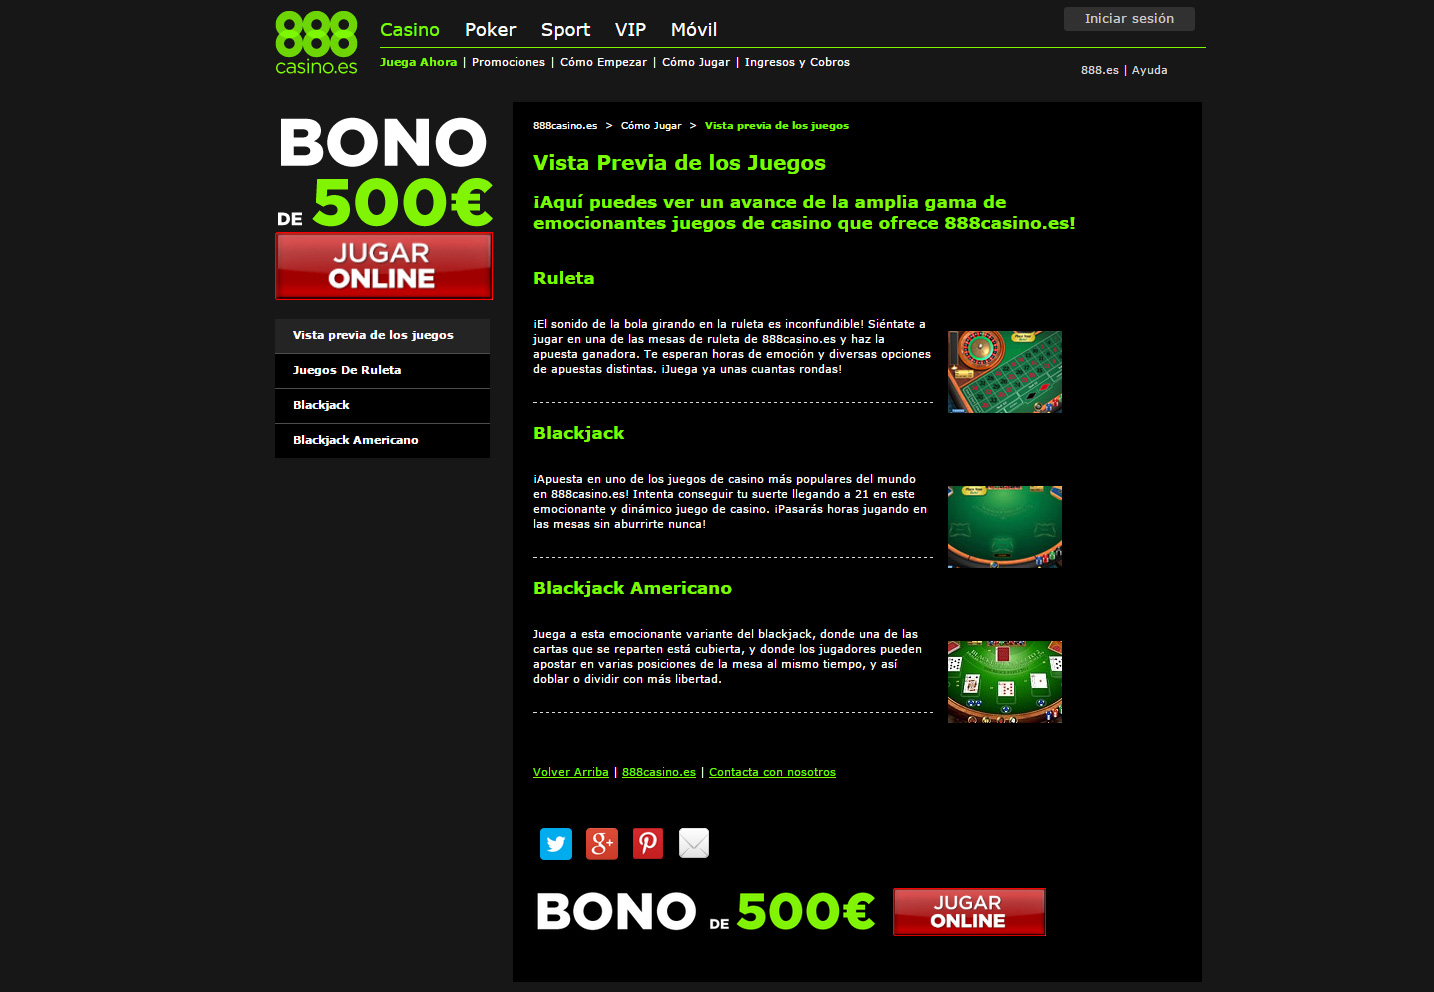 jugar casino 888 online